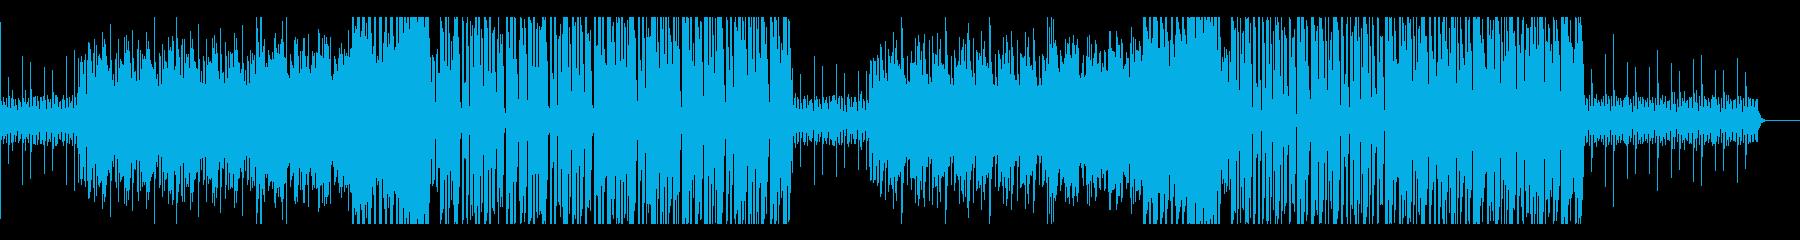 ポップで爽やかFuture Bassの再生済みの波形